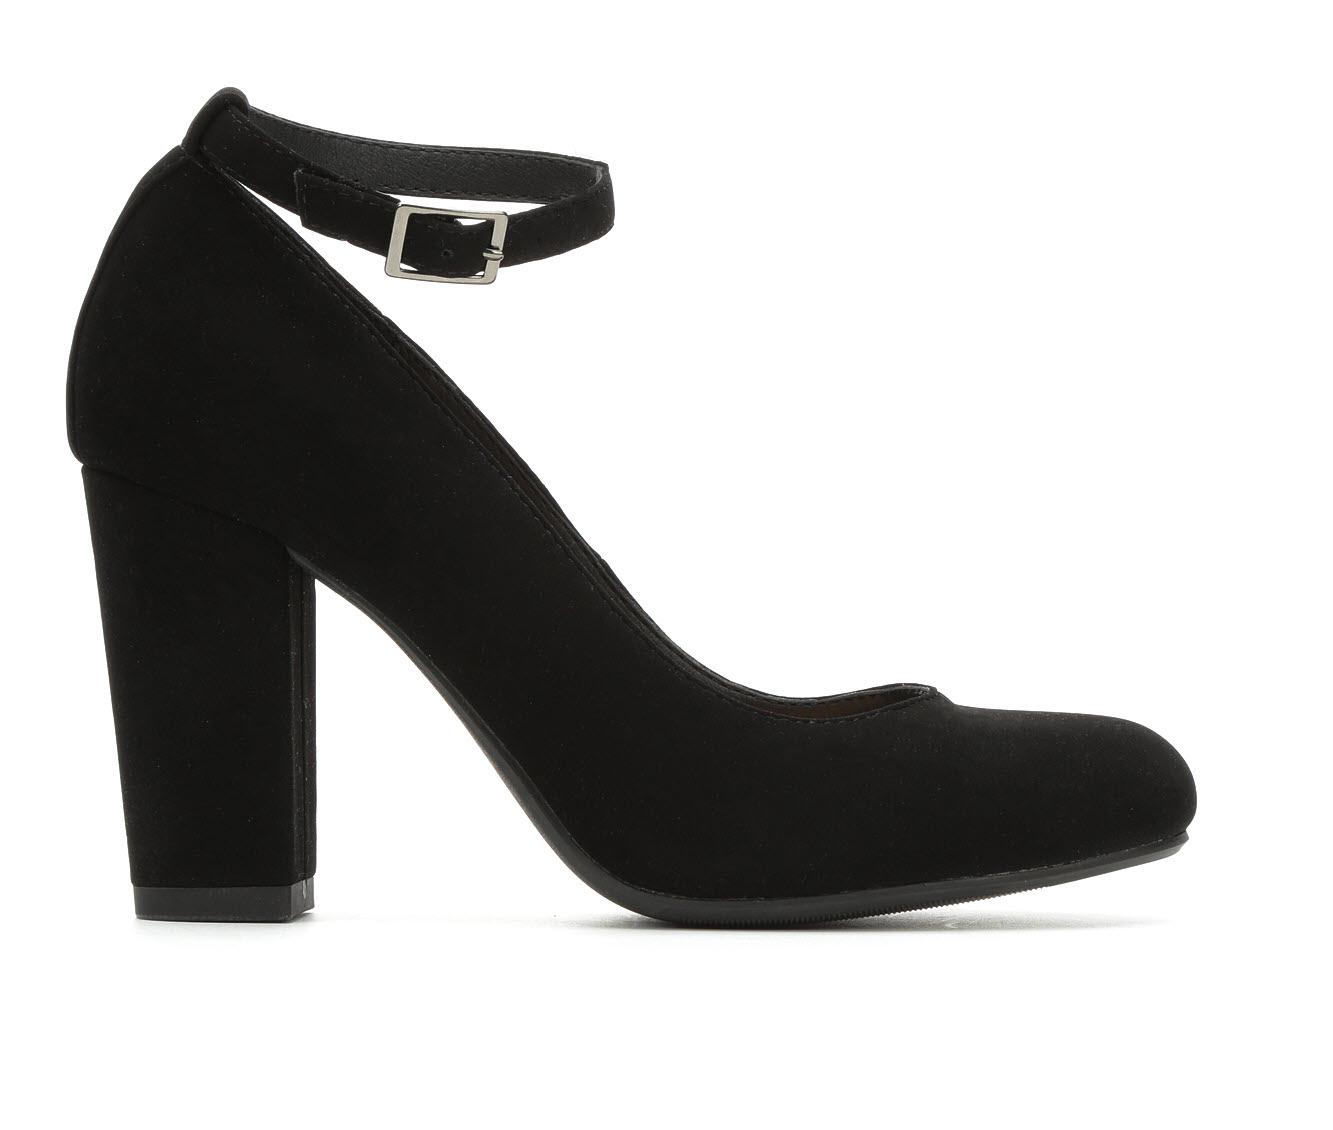 Y-Not Smith Women's Dress Shoe (Black Faux Leather)